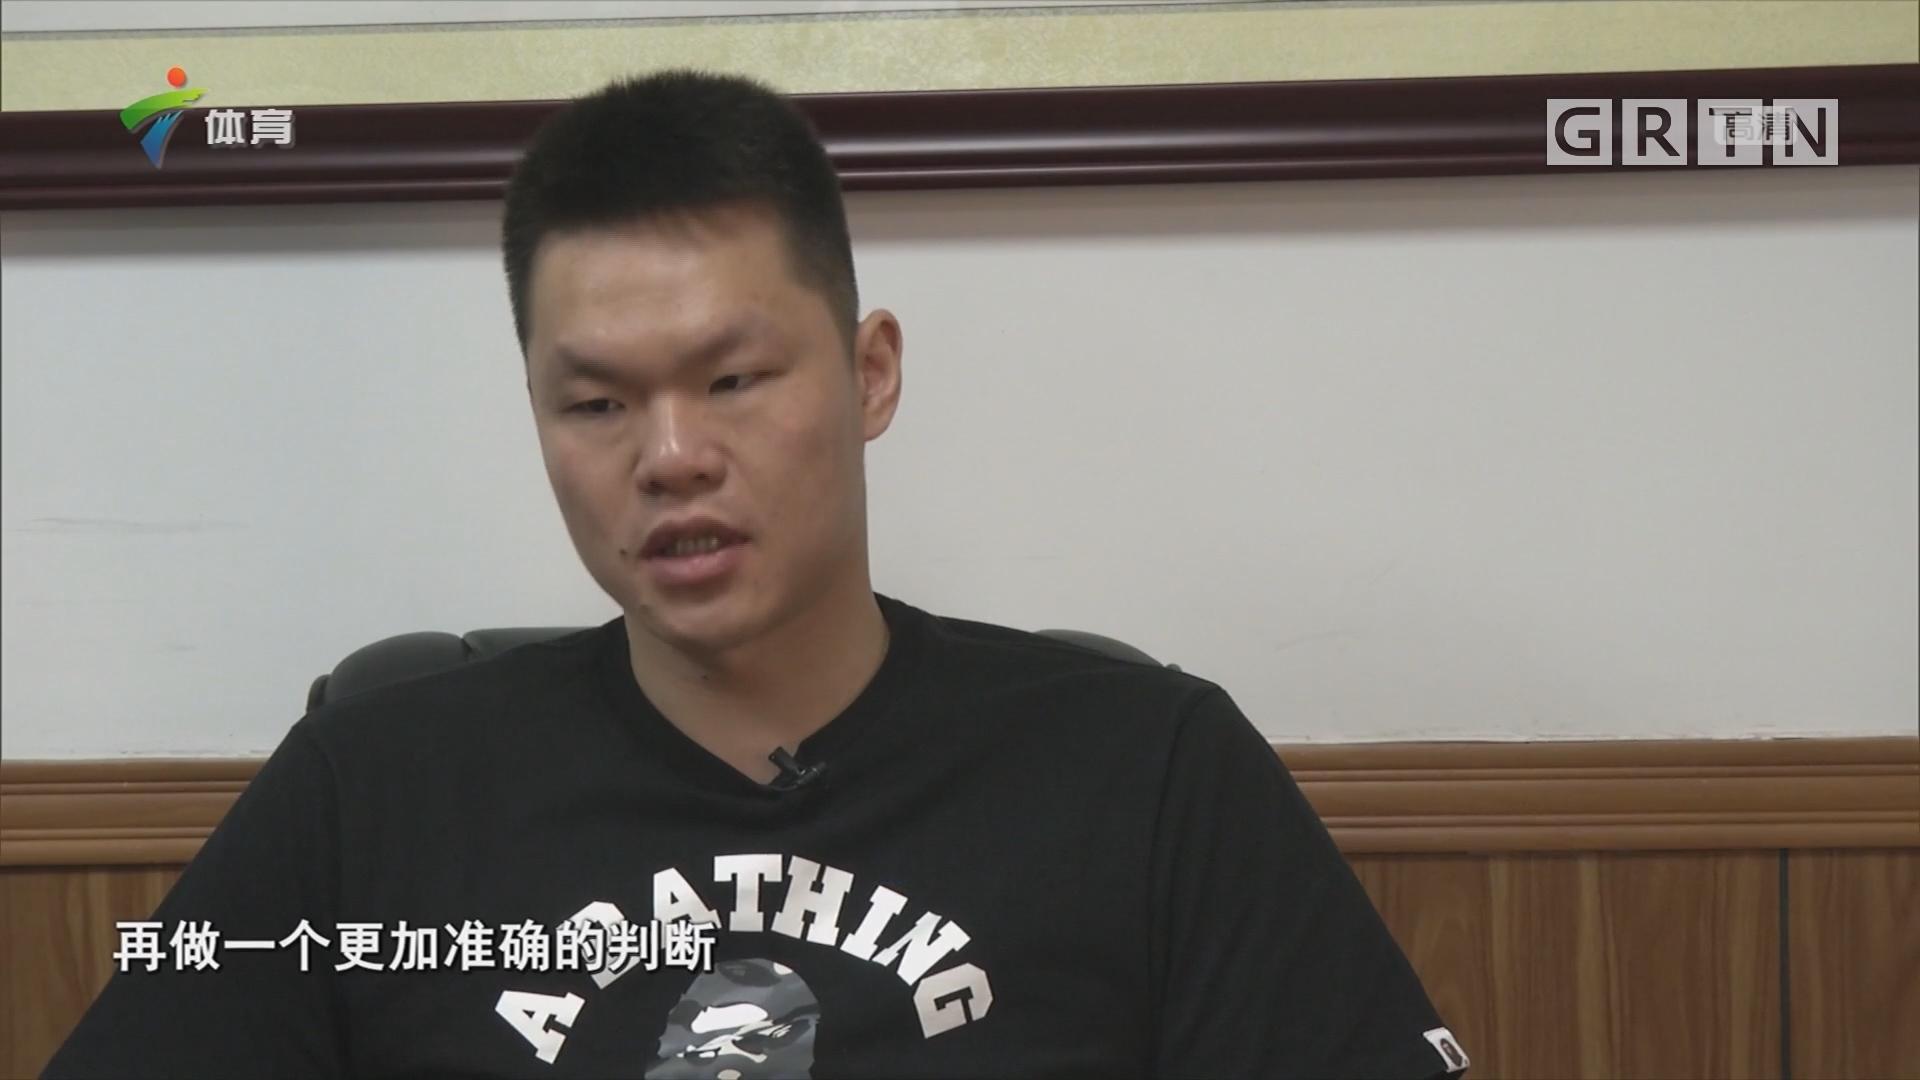 朱芳雨:老尤以前教我打球 现在教我管理球队